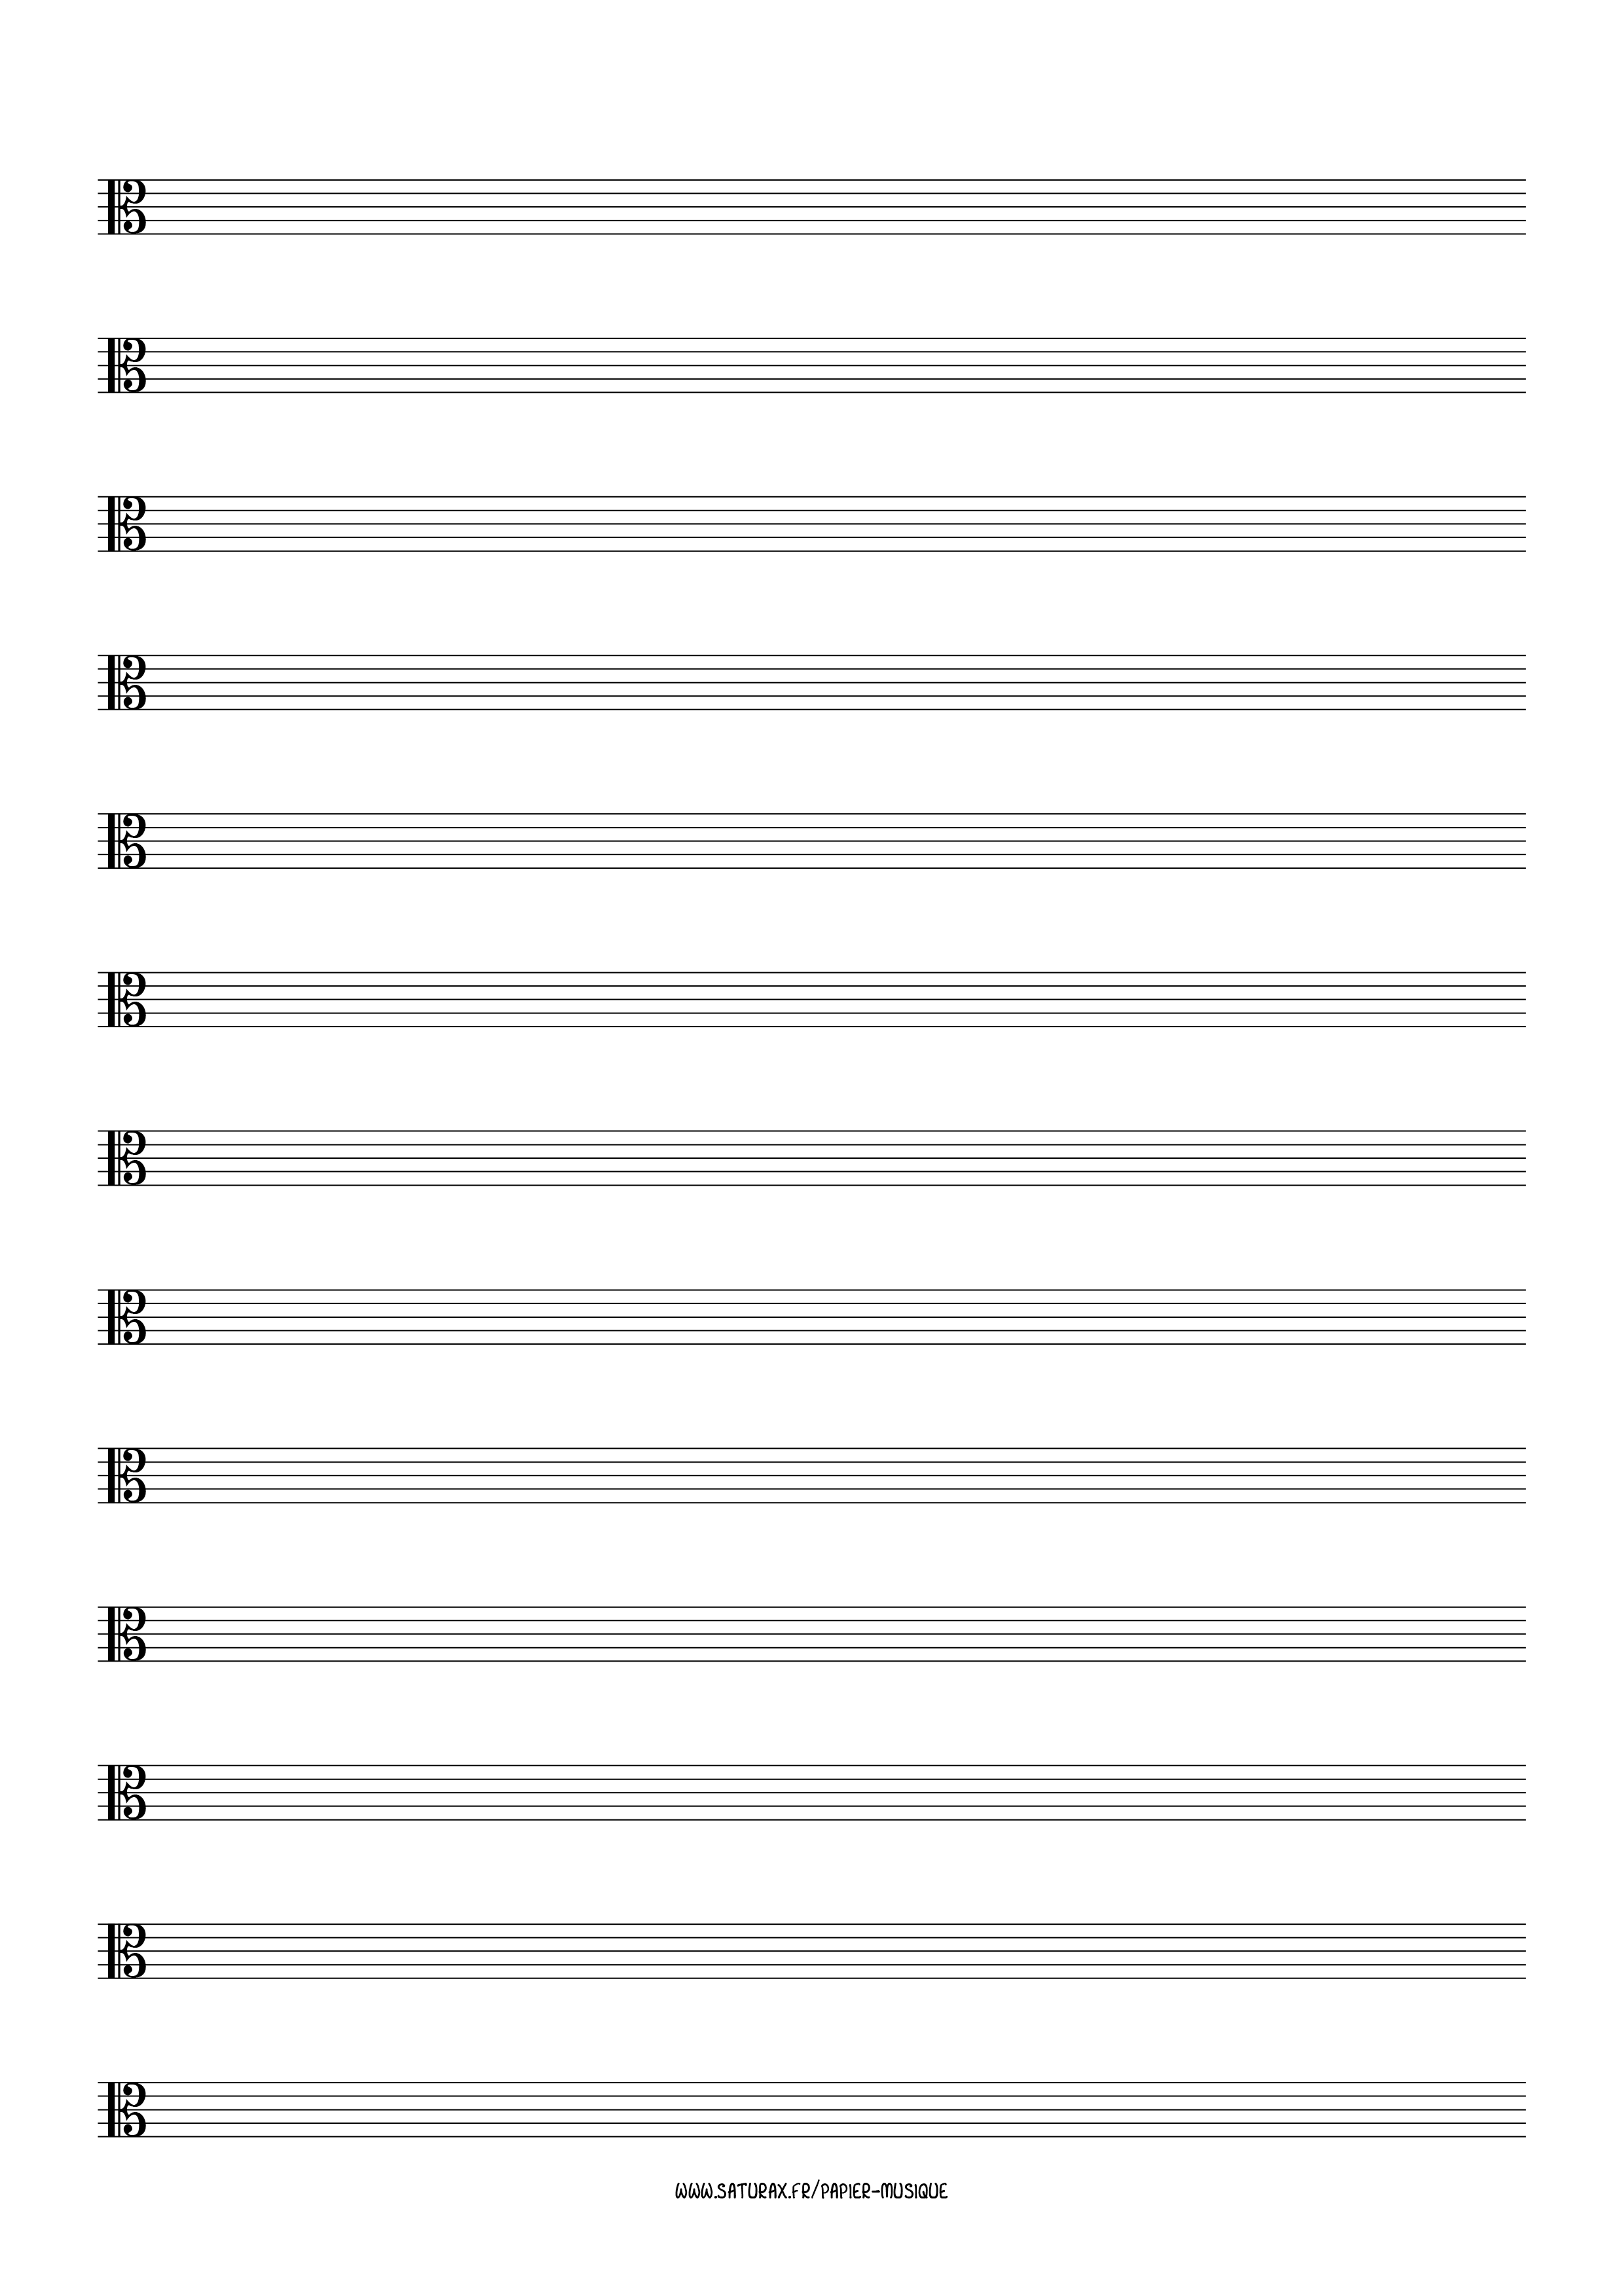 papier musique gratuit download pdf clé clef ut 3